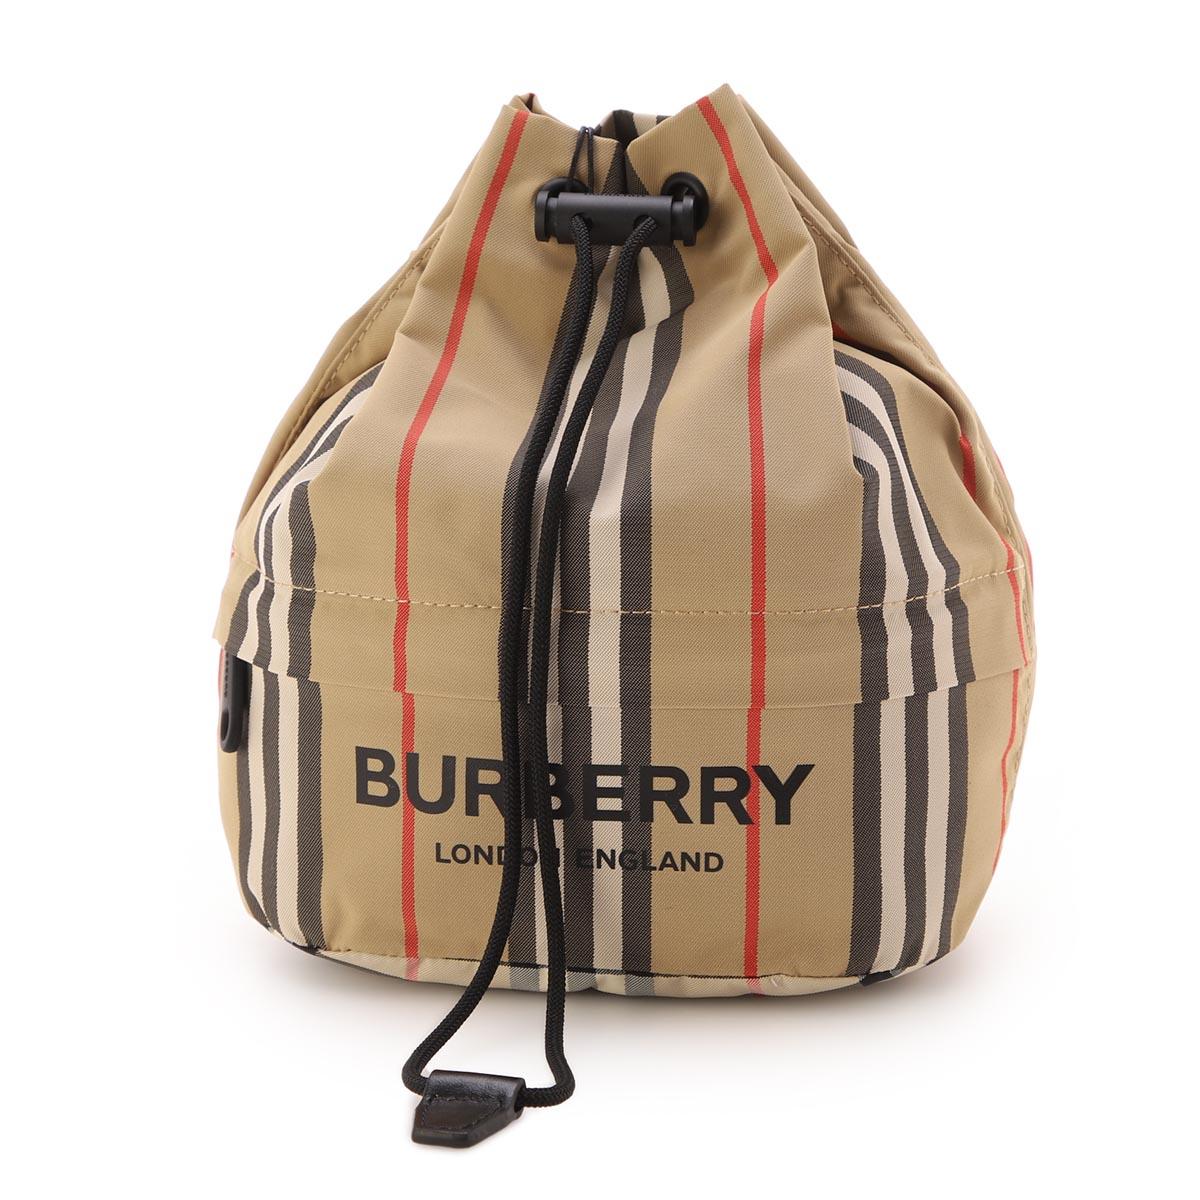 送料無料 バーバリー BURBERRY スーパーSALE セール期間限定 40%OFFの激安セール ポーチ 2021年春夏新作 ベージュ レディース 返品送料無料 archivebeige あす楽対応_関東 ラッピング無料 8026737 2021SS